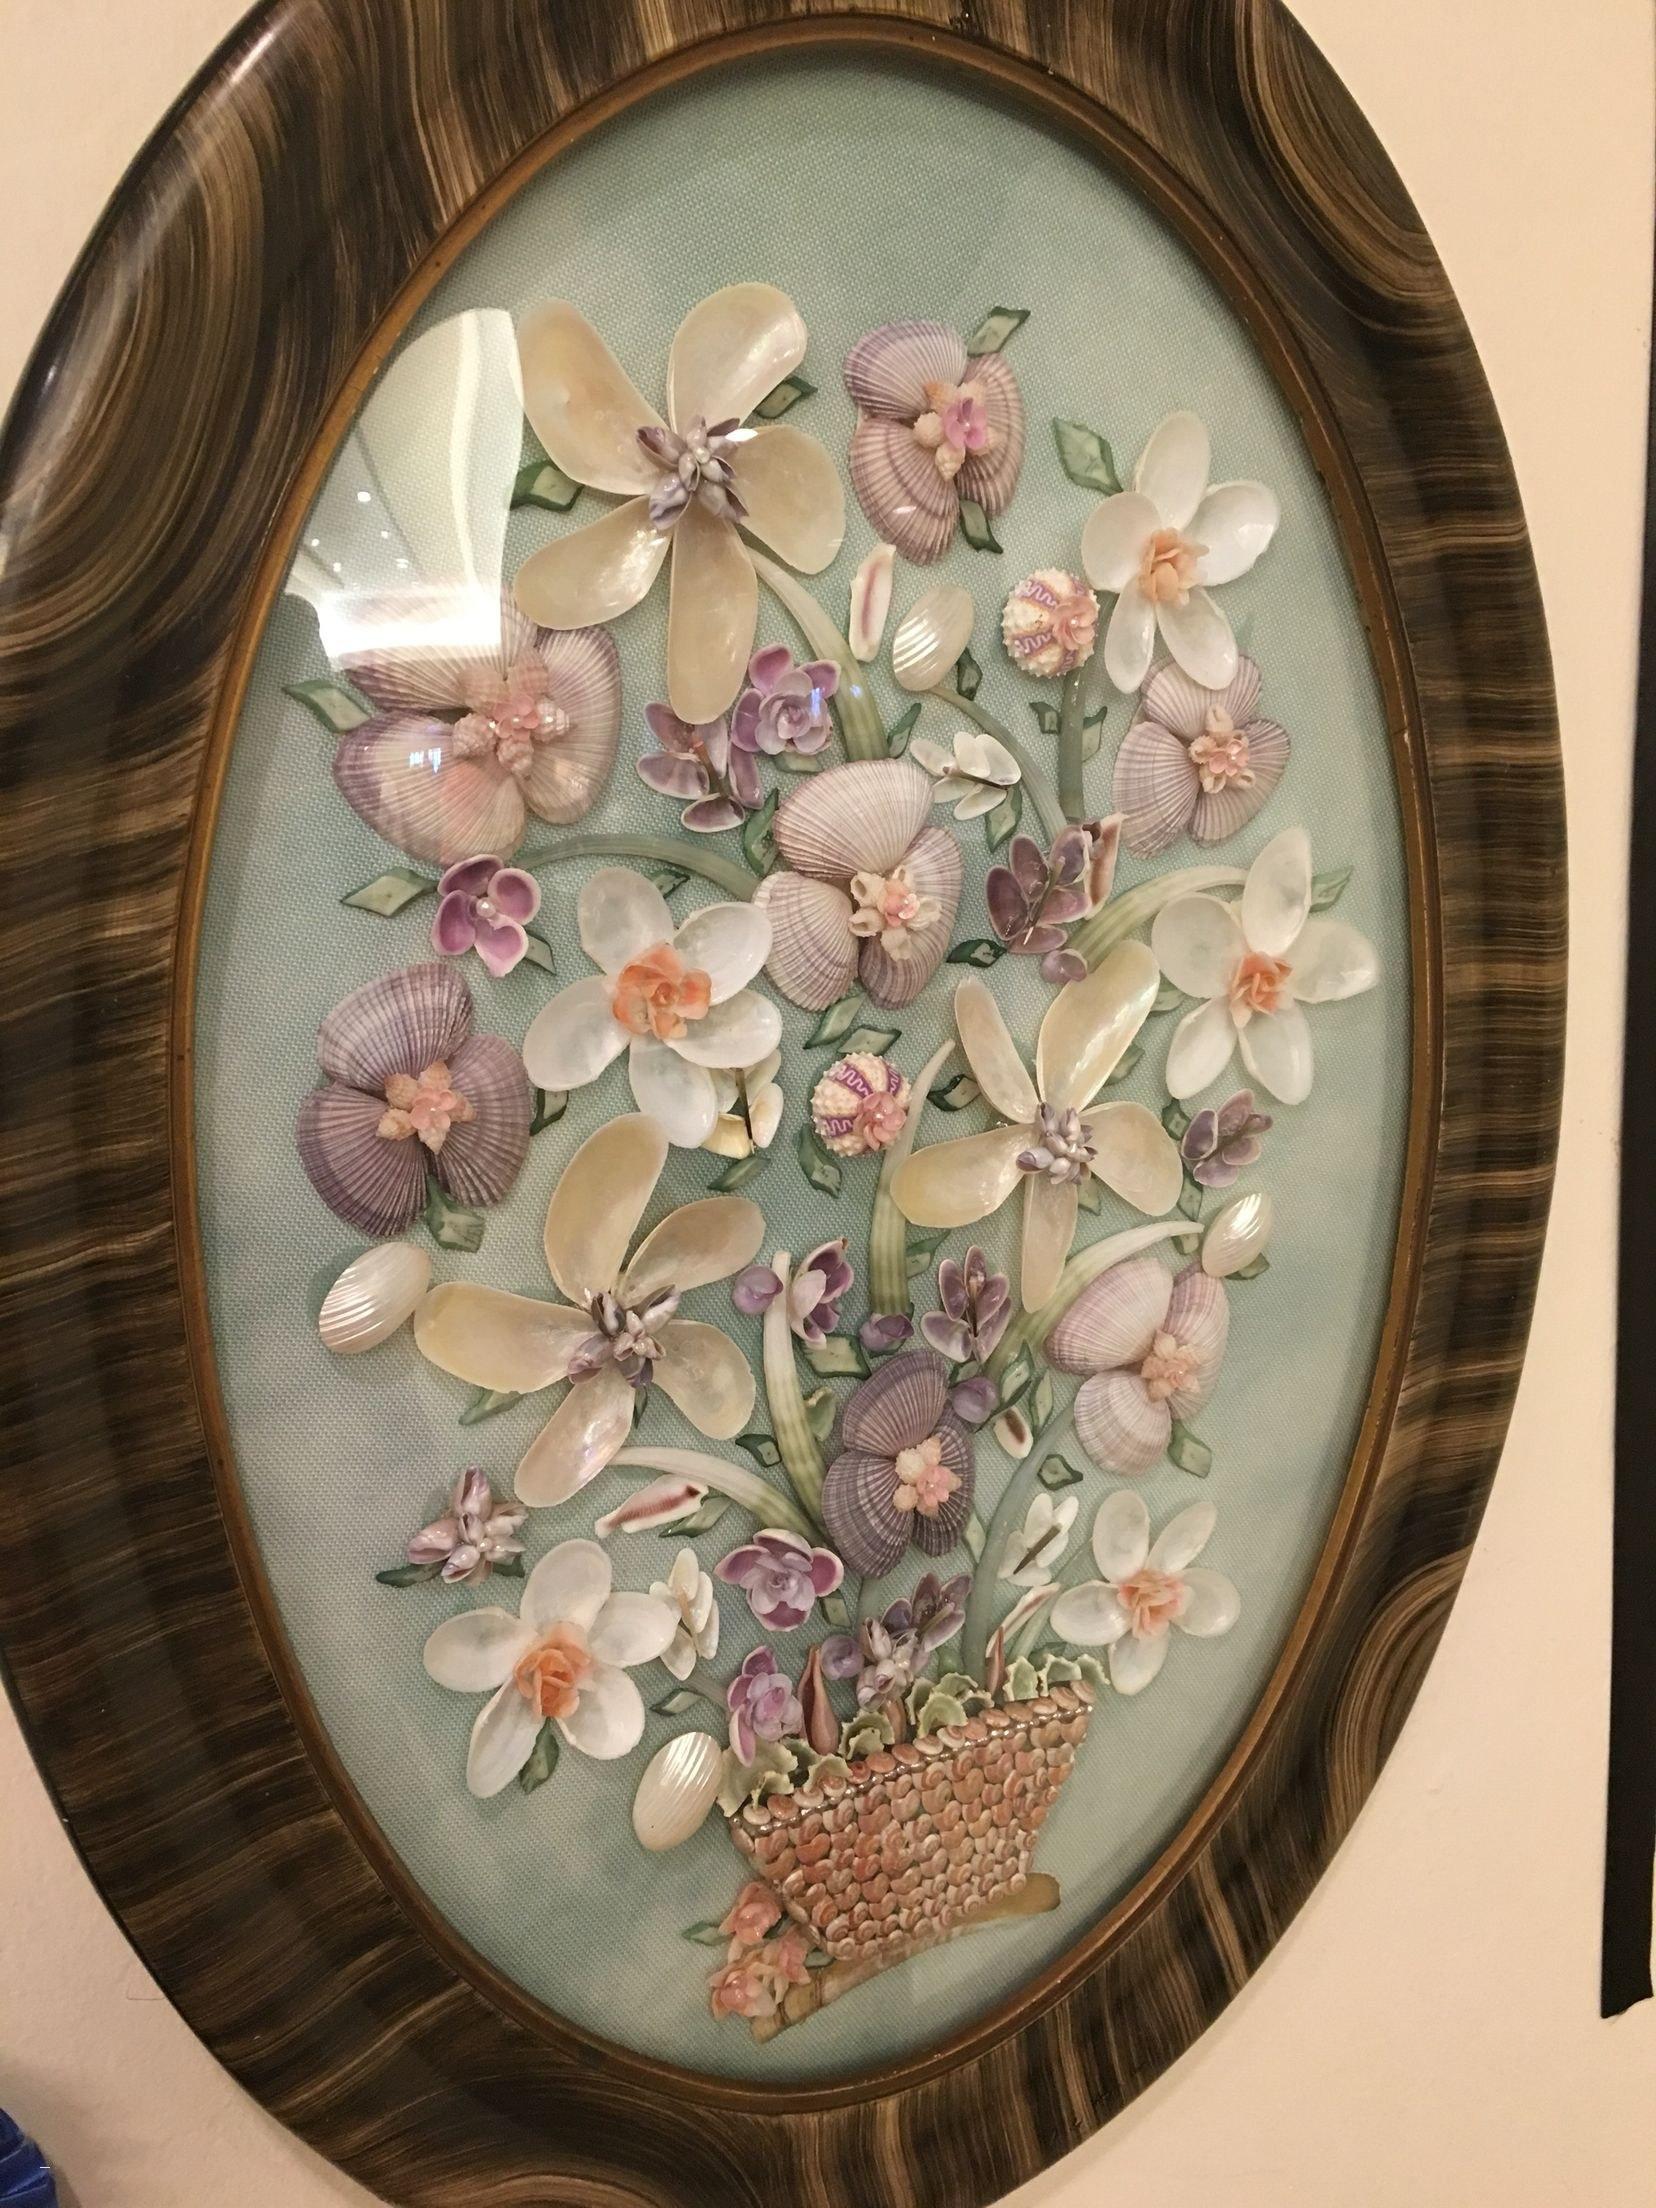 Malvorlagen Blumen Ranken Kostenlos Das Beste Von Karte Blumen Neuestes S S Media Cache Ak0 Pinimg originals 0d F2 3a Stock